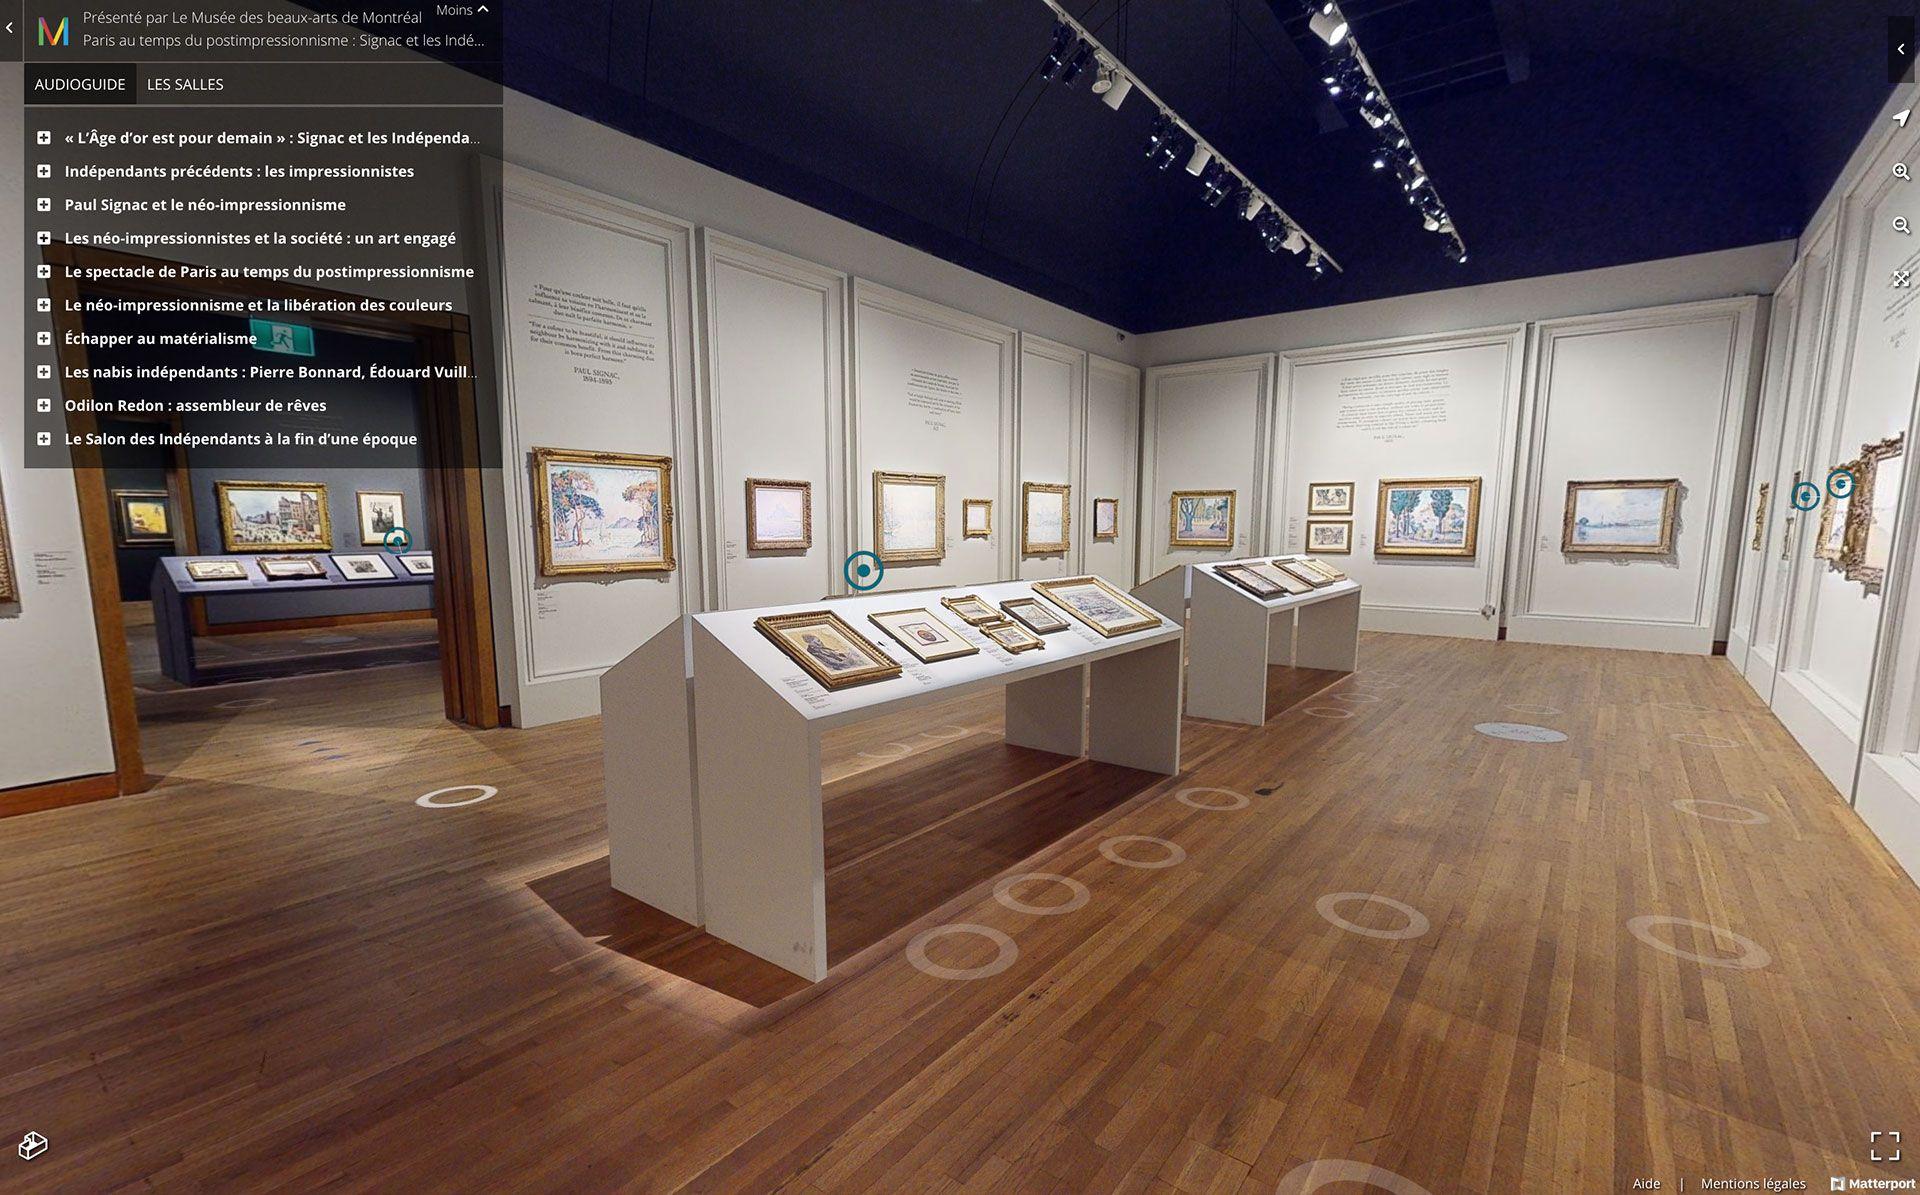 Vue de la version virtuelle de l'exposition Paris au temps du postimpressionnisme : Signac et les Indépendants.